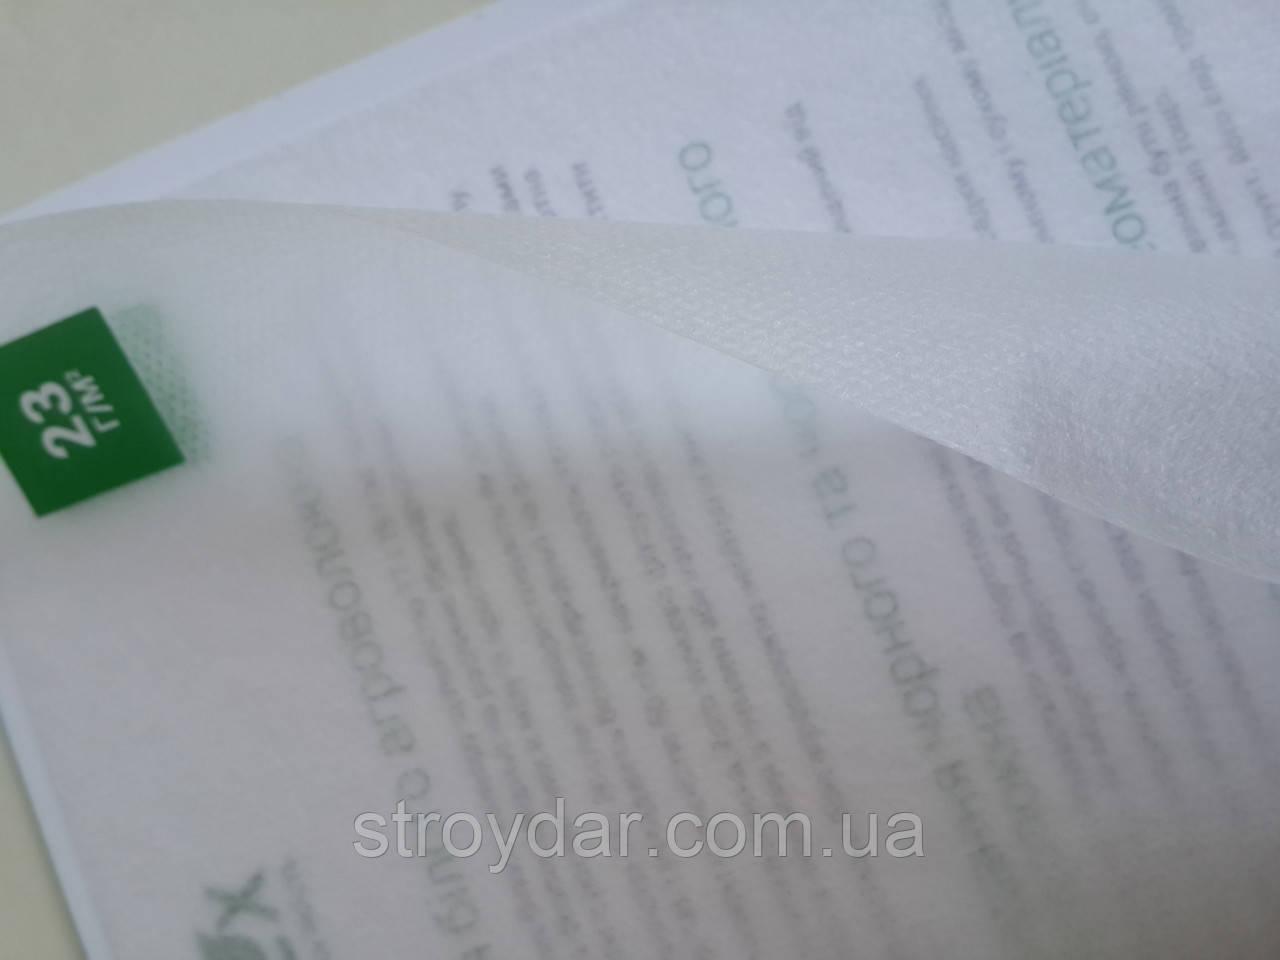 Агроволокно Greentex белое 23 г/м2 - 3,2х100 м